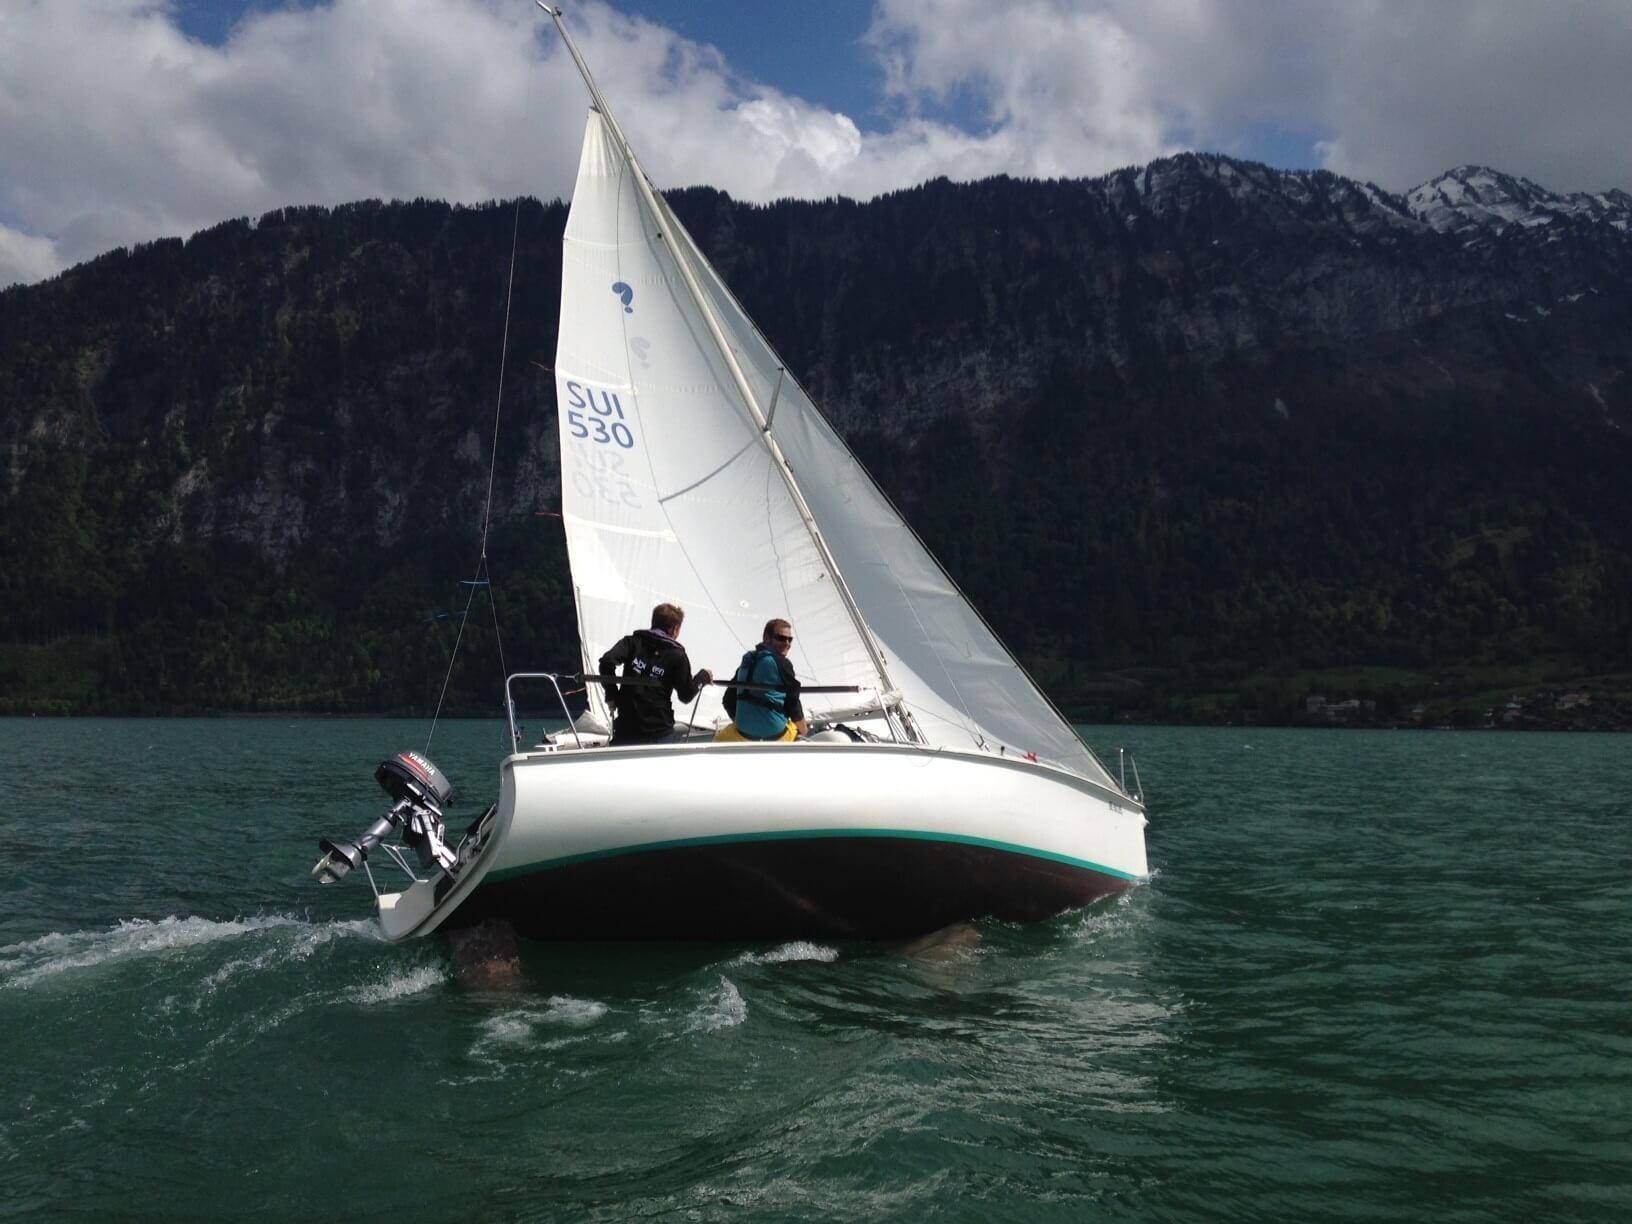 interlaken-segelschule-neuhaus-segelschiff-segeln-sommer